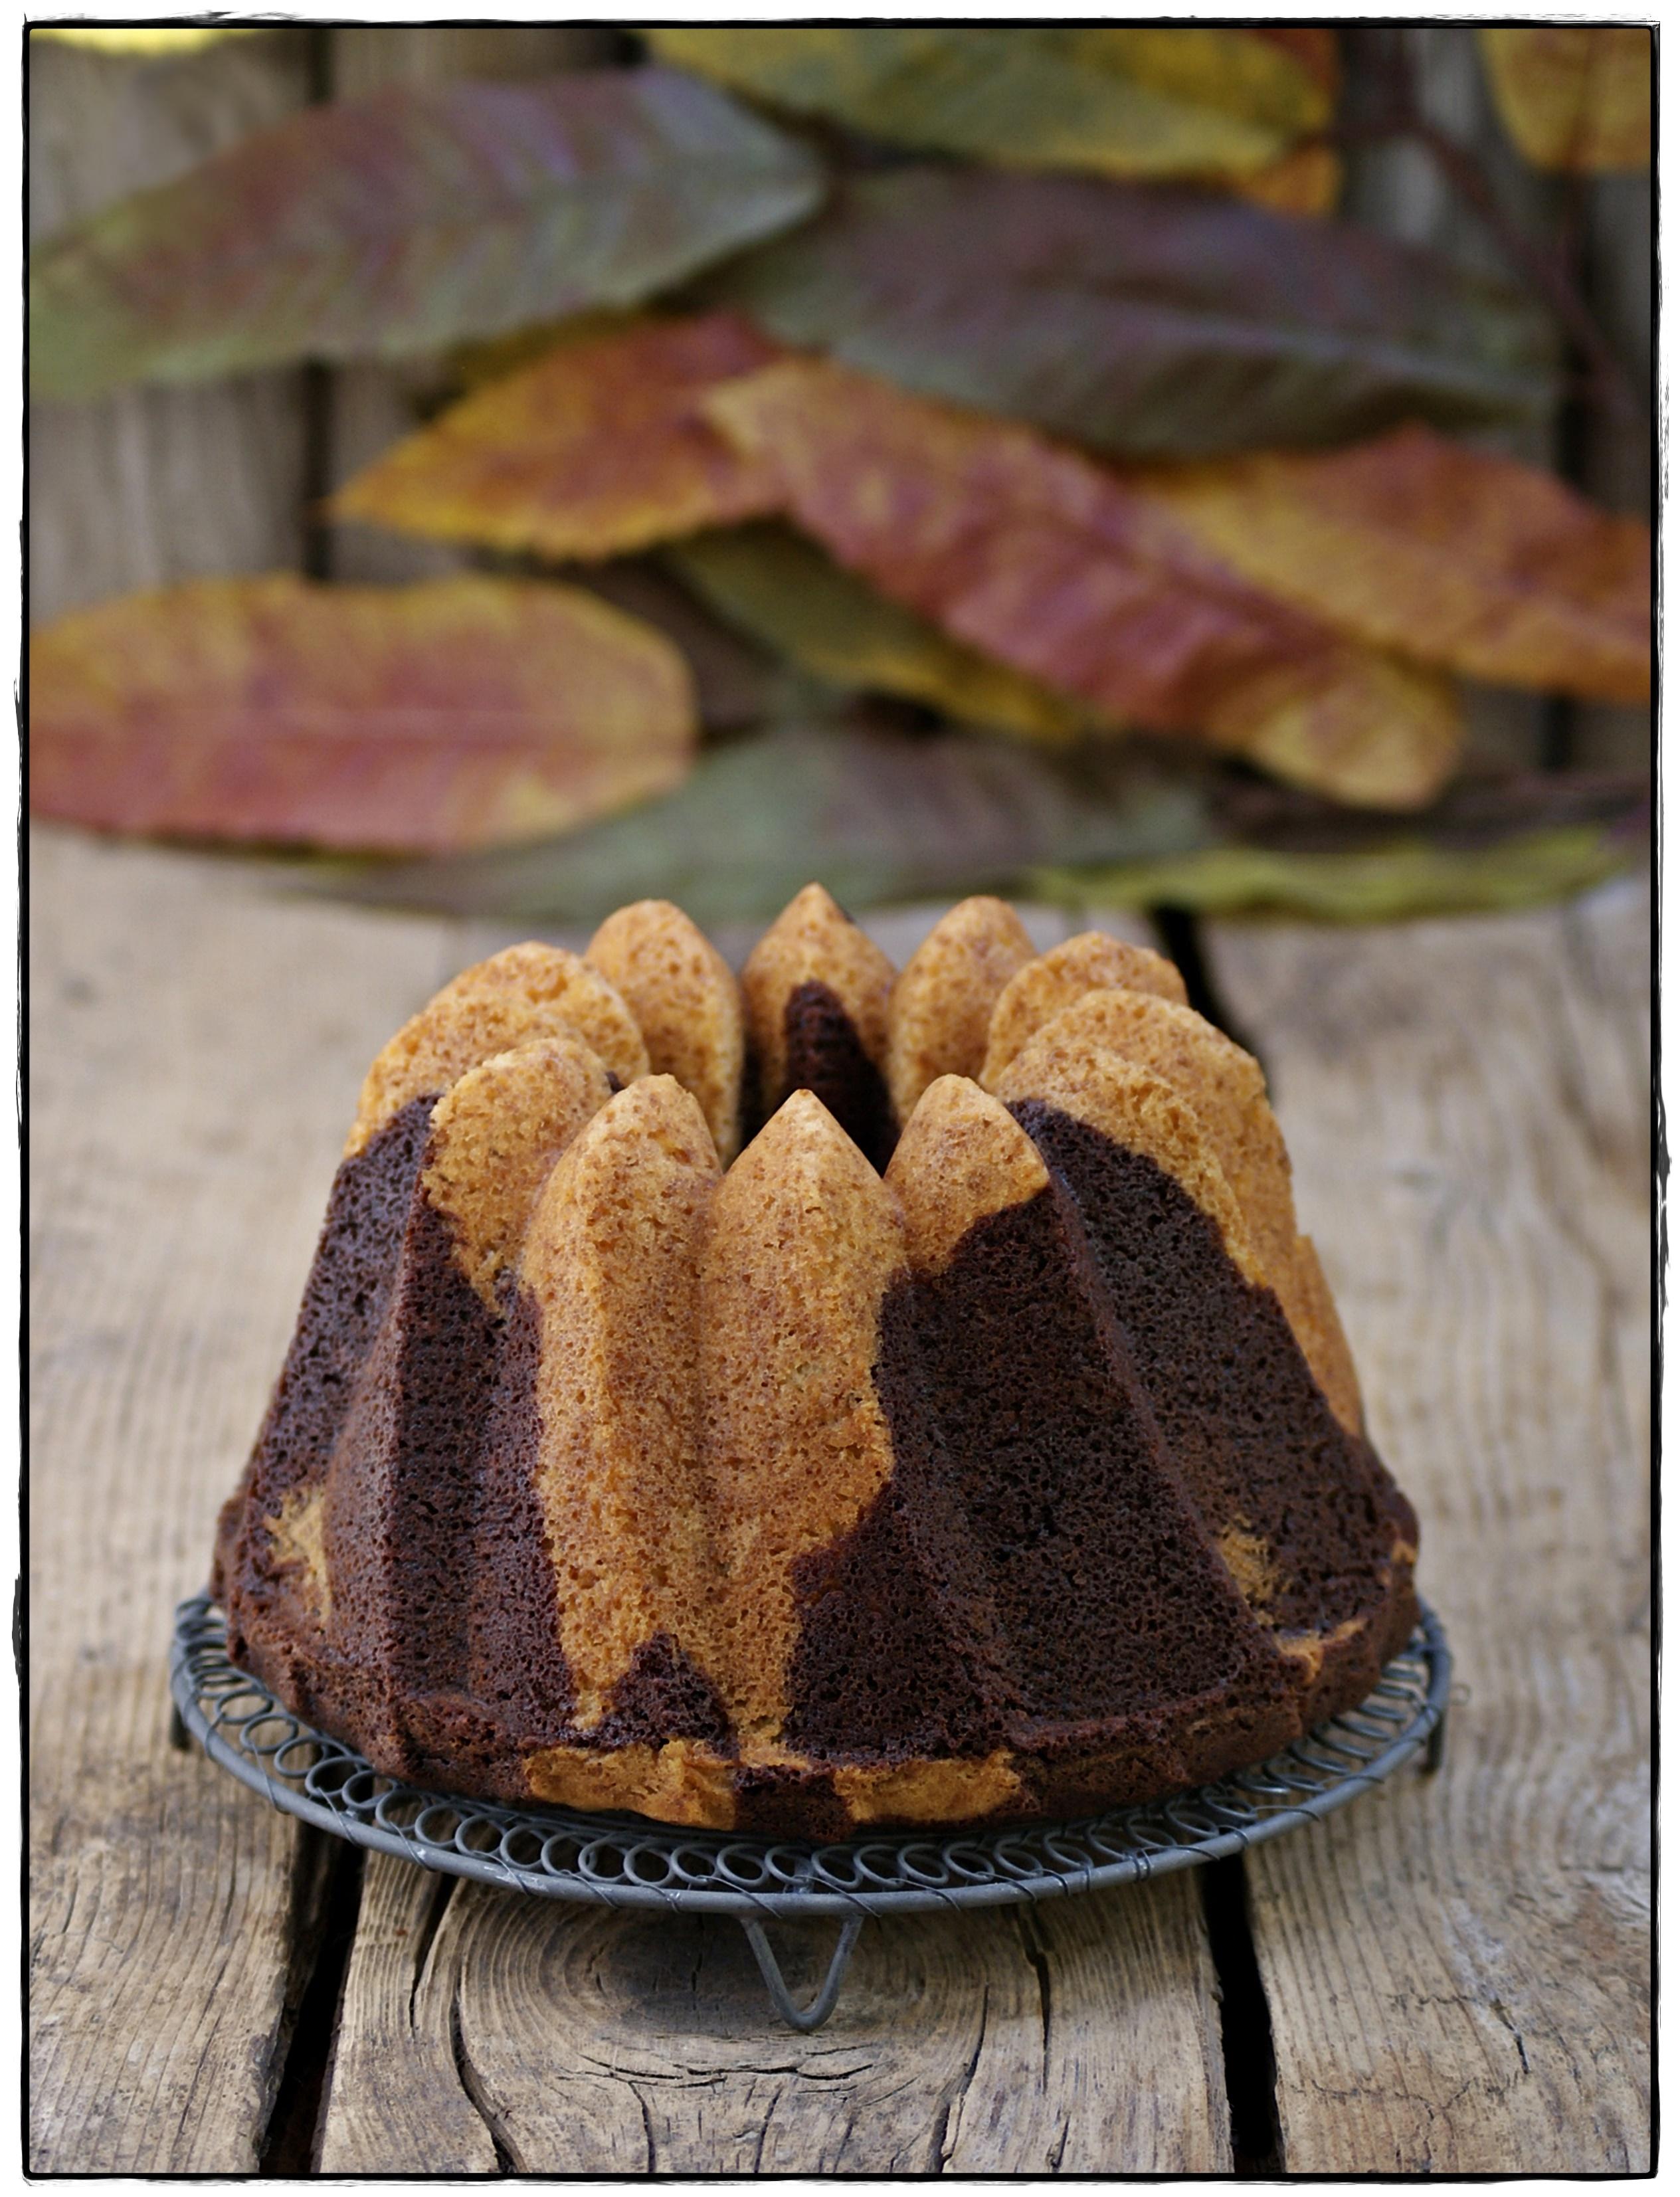 BUDNT CAKE BICOLOR CON NUTELLA 6.JPG